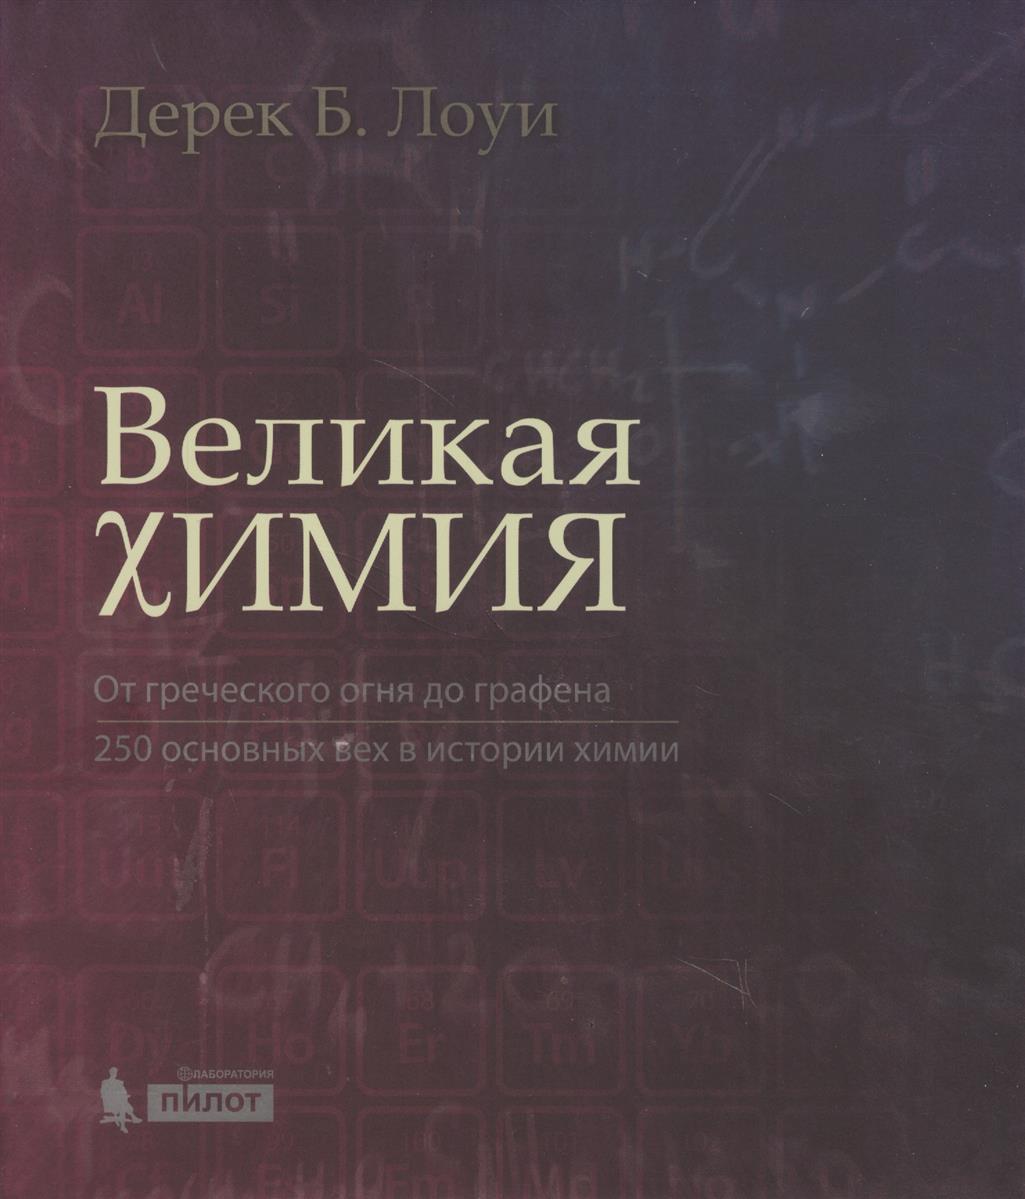 Лоуи Д. Великая химия. От греческого огня до графена. 250 основных вех в истории химии